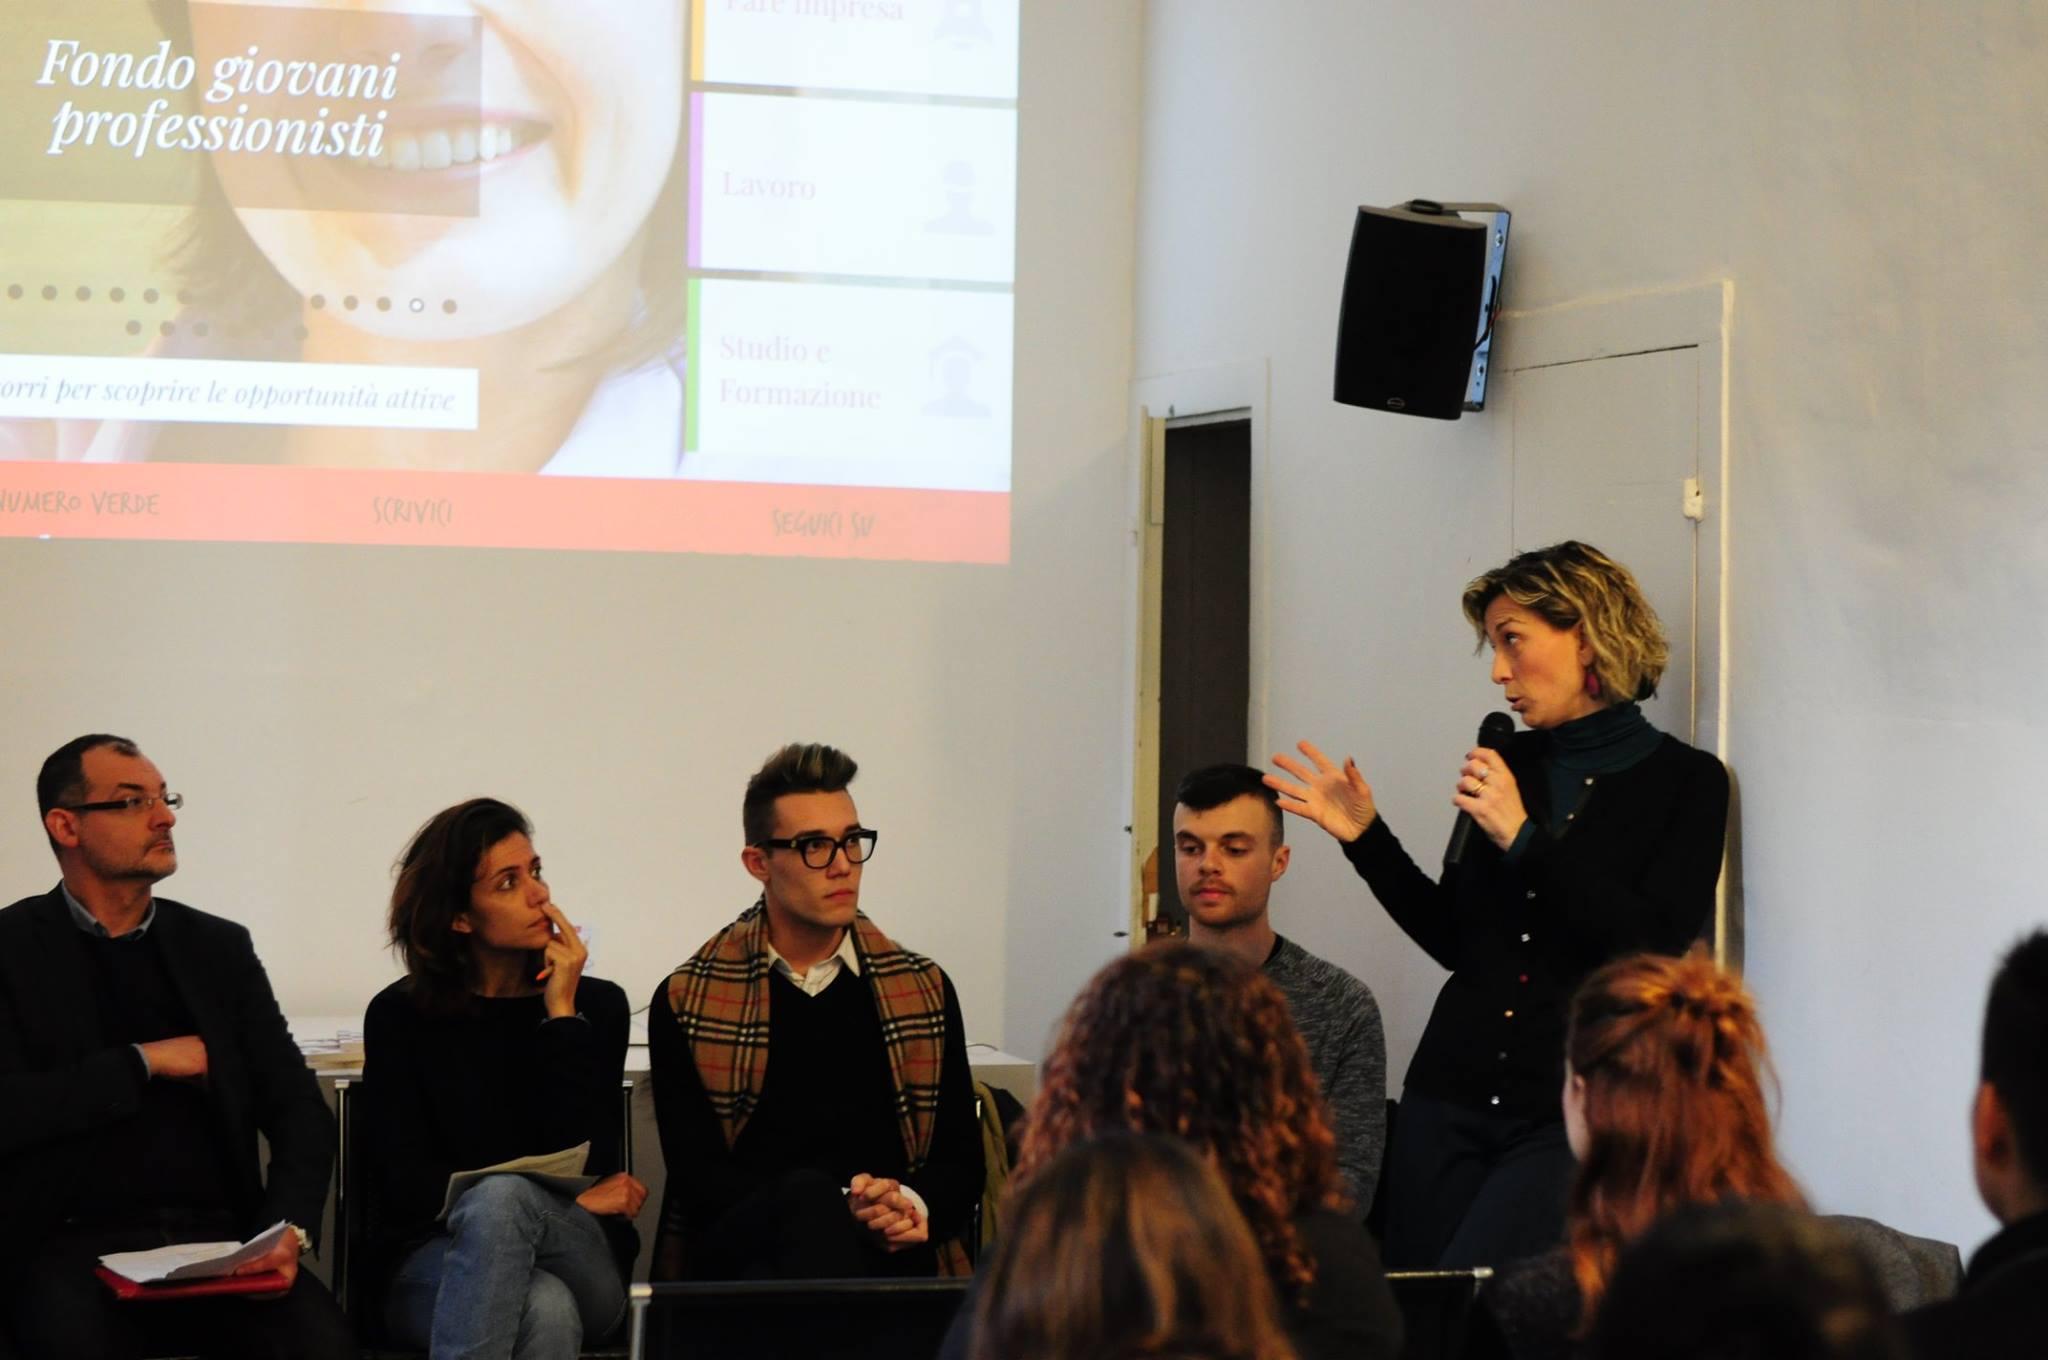 #Giovanisìtour a Firenze: rivivi la prima tappa del 2018 con foto, social e video <div class='giovanisi-subtitle'>Prossimo appuntamento: maggio 2018, stay tuned! </div>